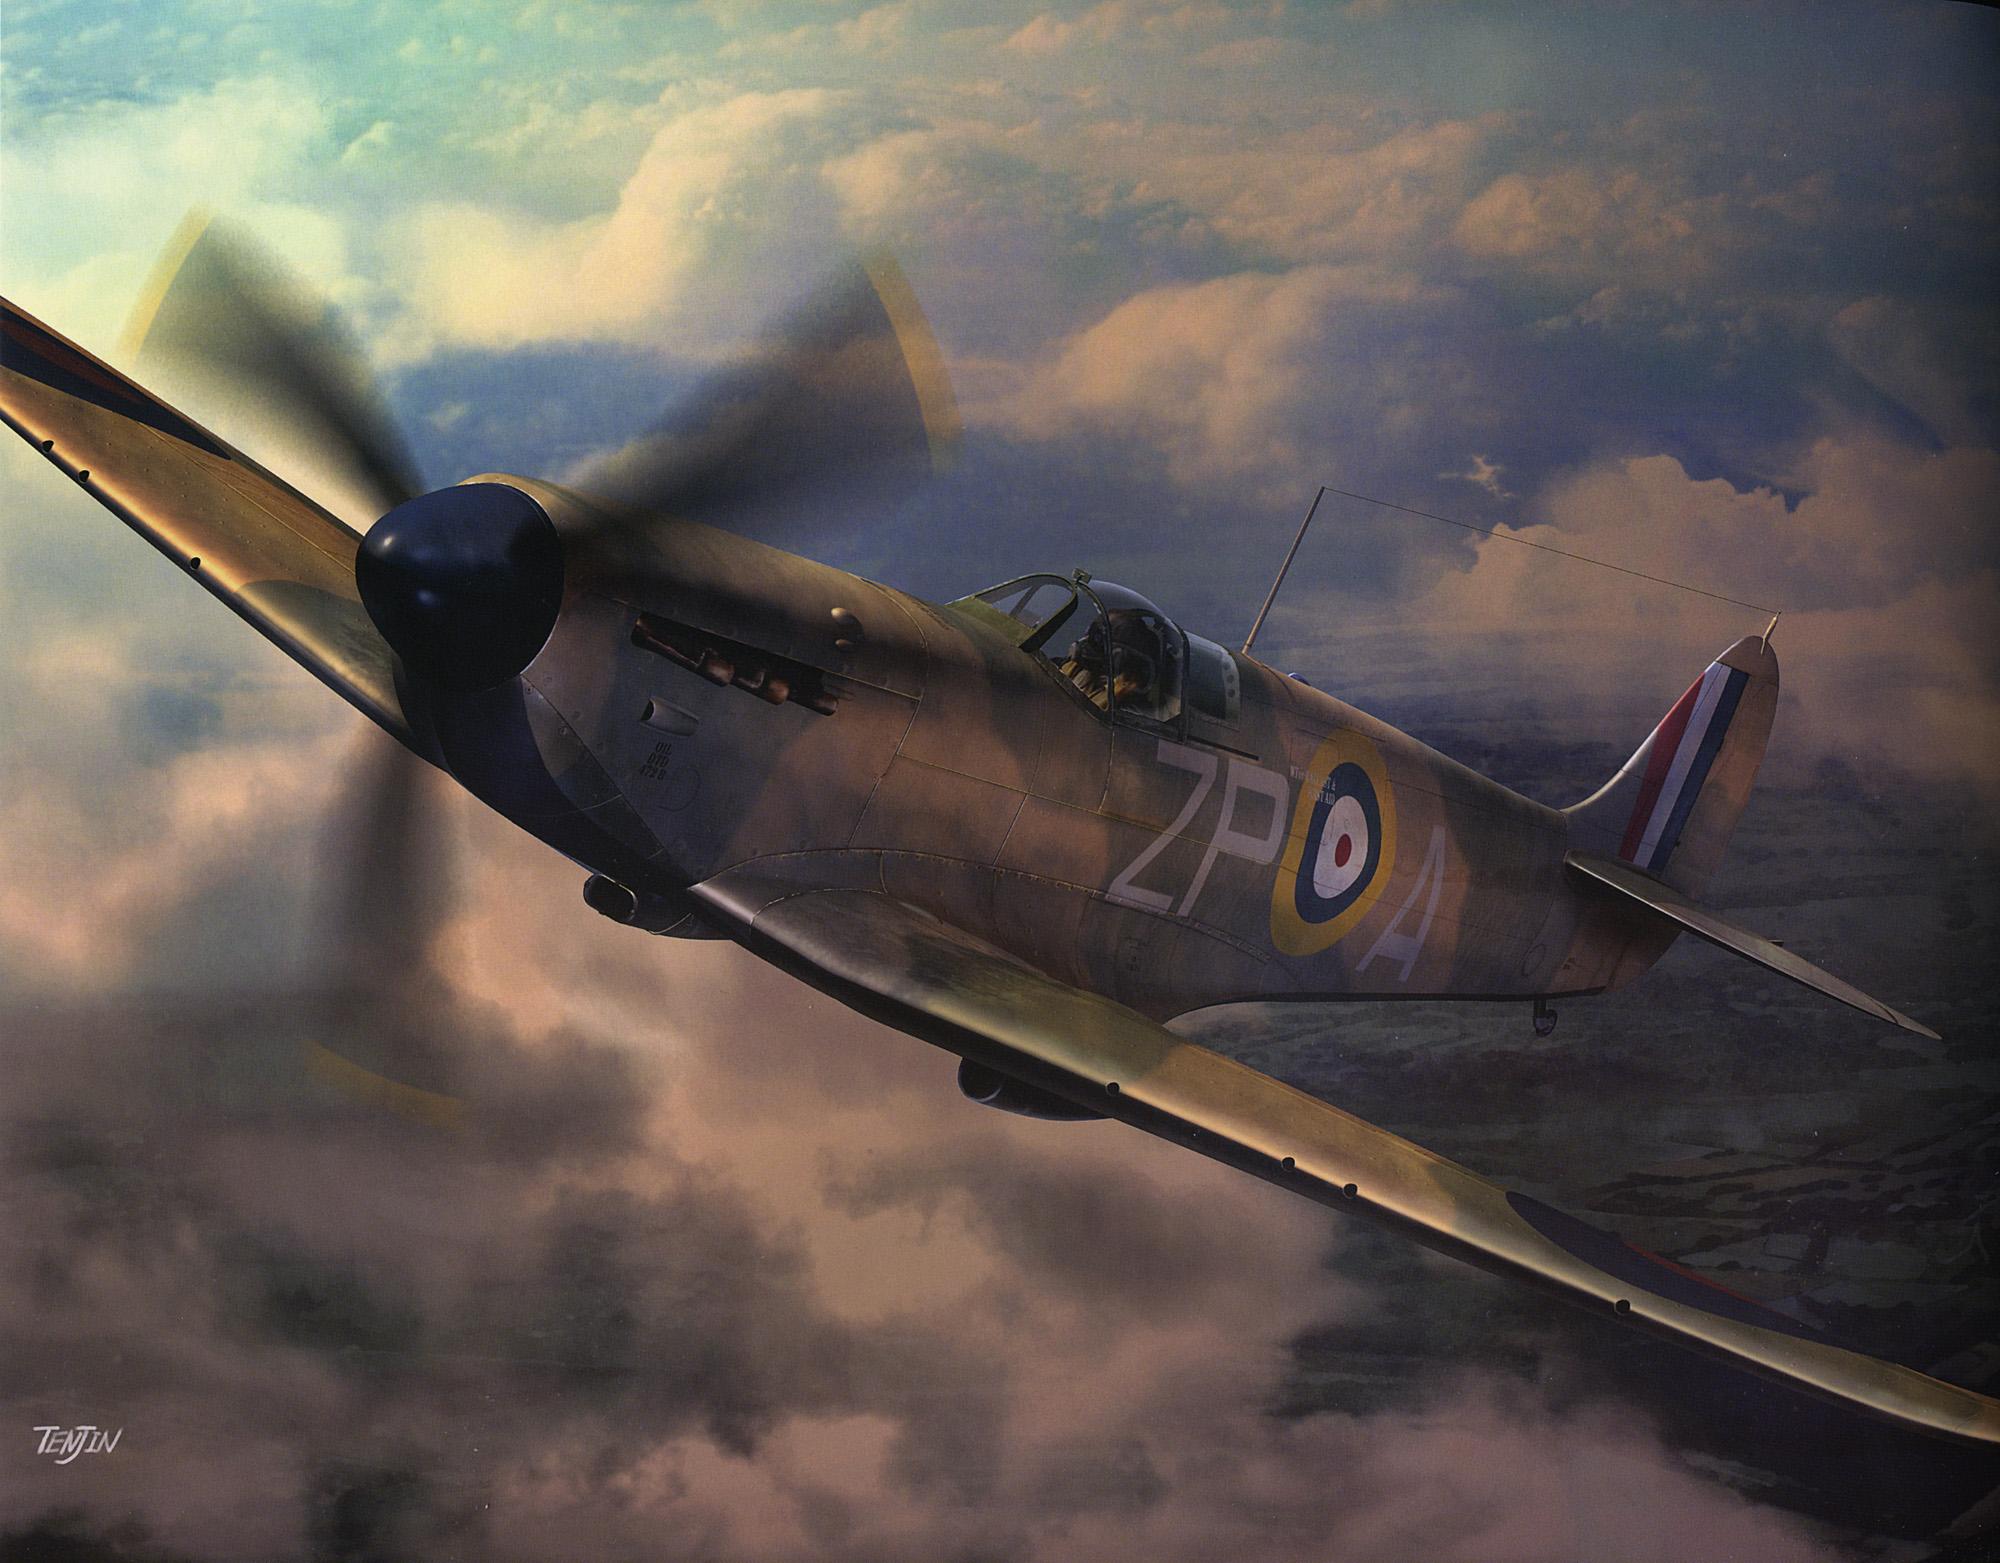 Supermarine Spitfire Wallpaper 2000x1563 Supermarine Spitfire Does 2000x1563